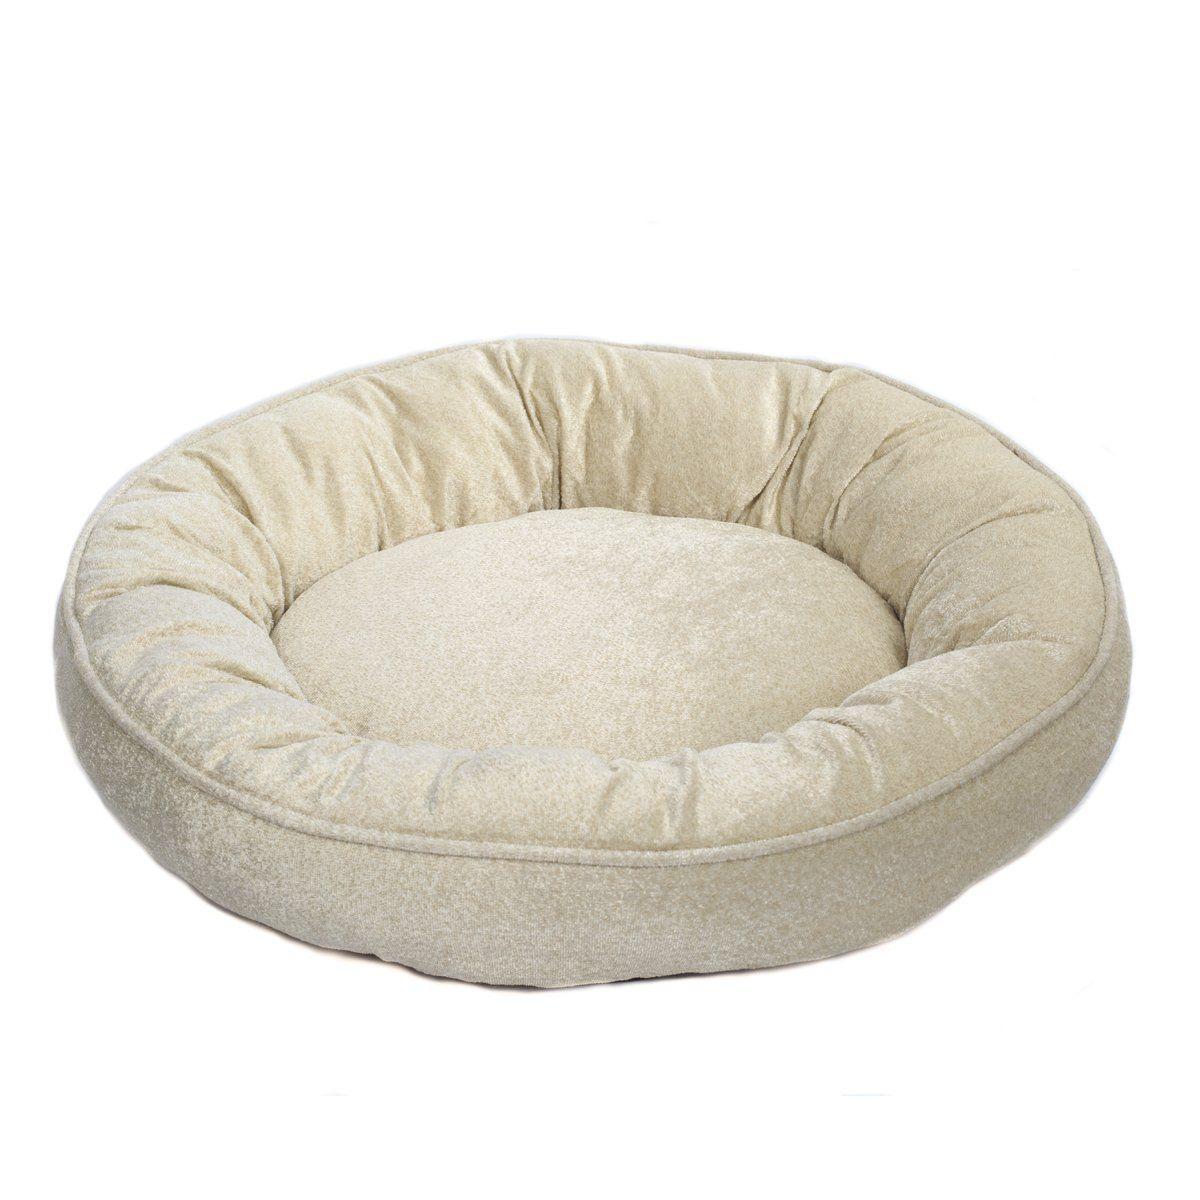 TierXpert Hera cat cushion Round cat cushion Plush